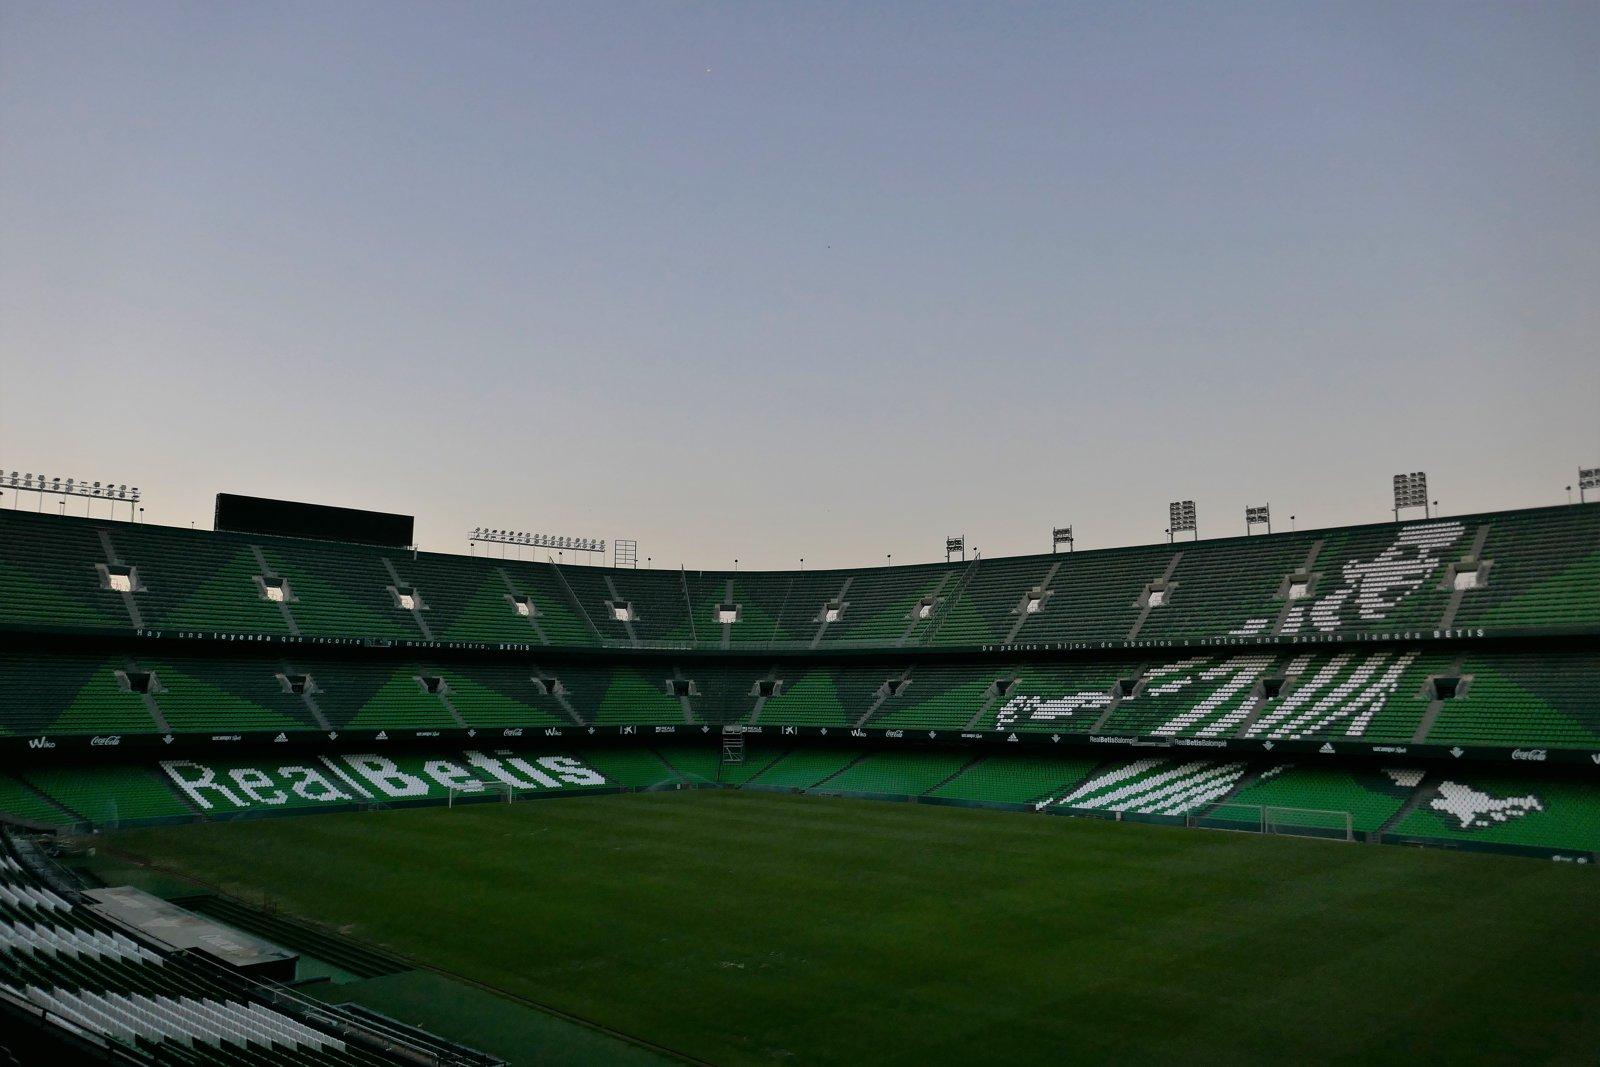 Estadio Benito Villamarin Stadiumdbcom